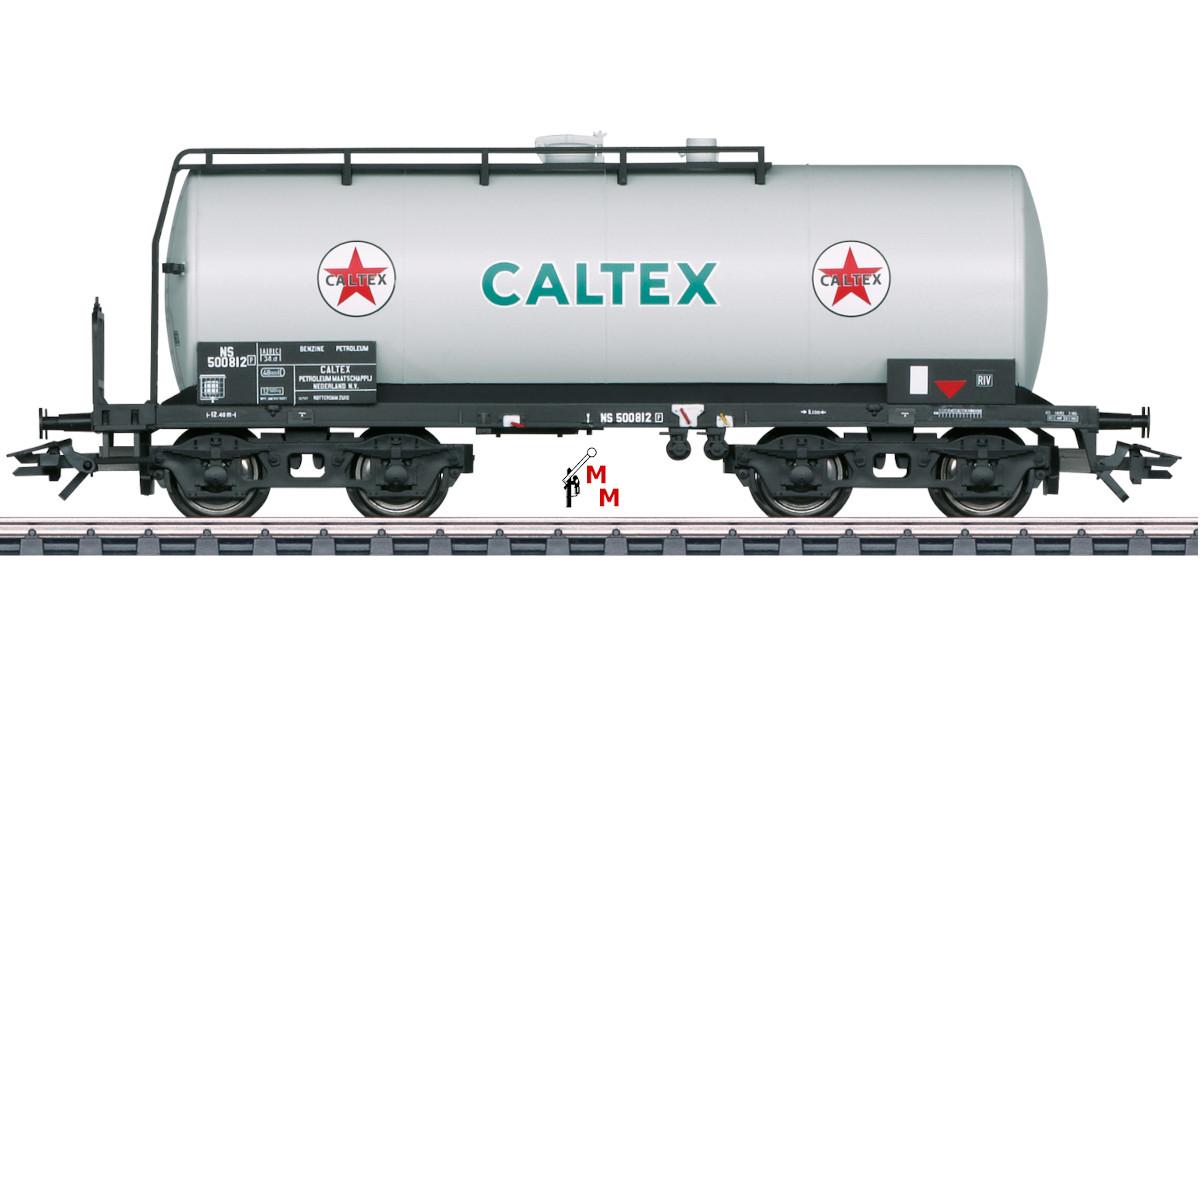 (Neu) Märklin 46537 Einheitskesselwagen CALTEX der NS, Ep.III,